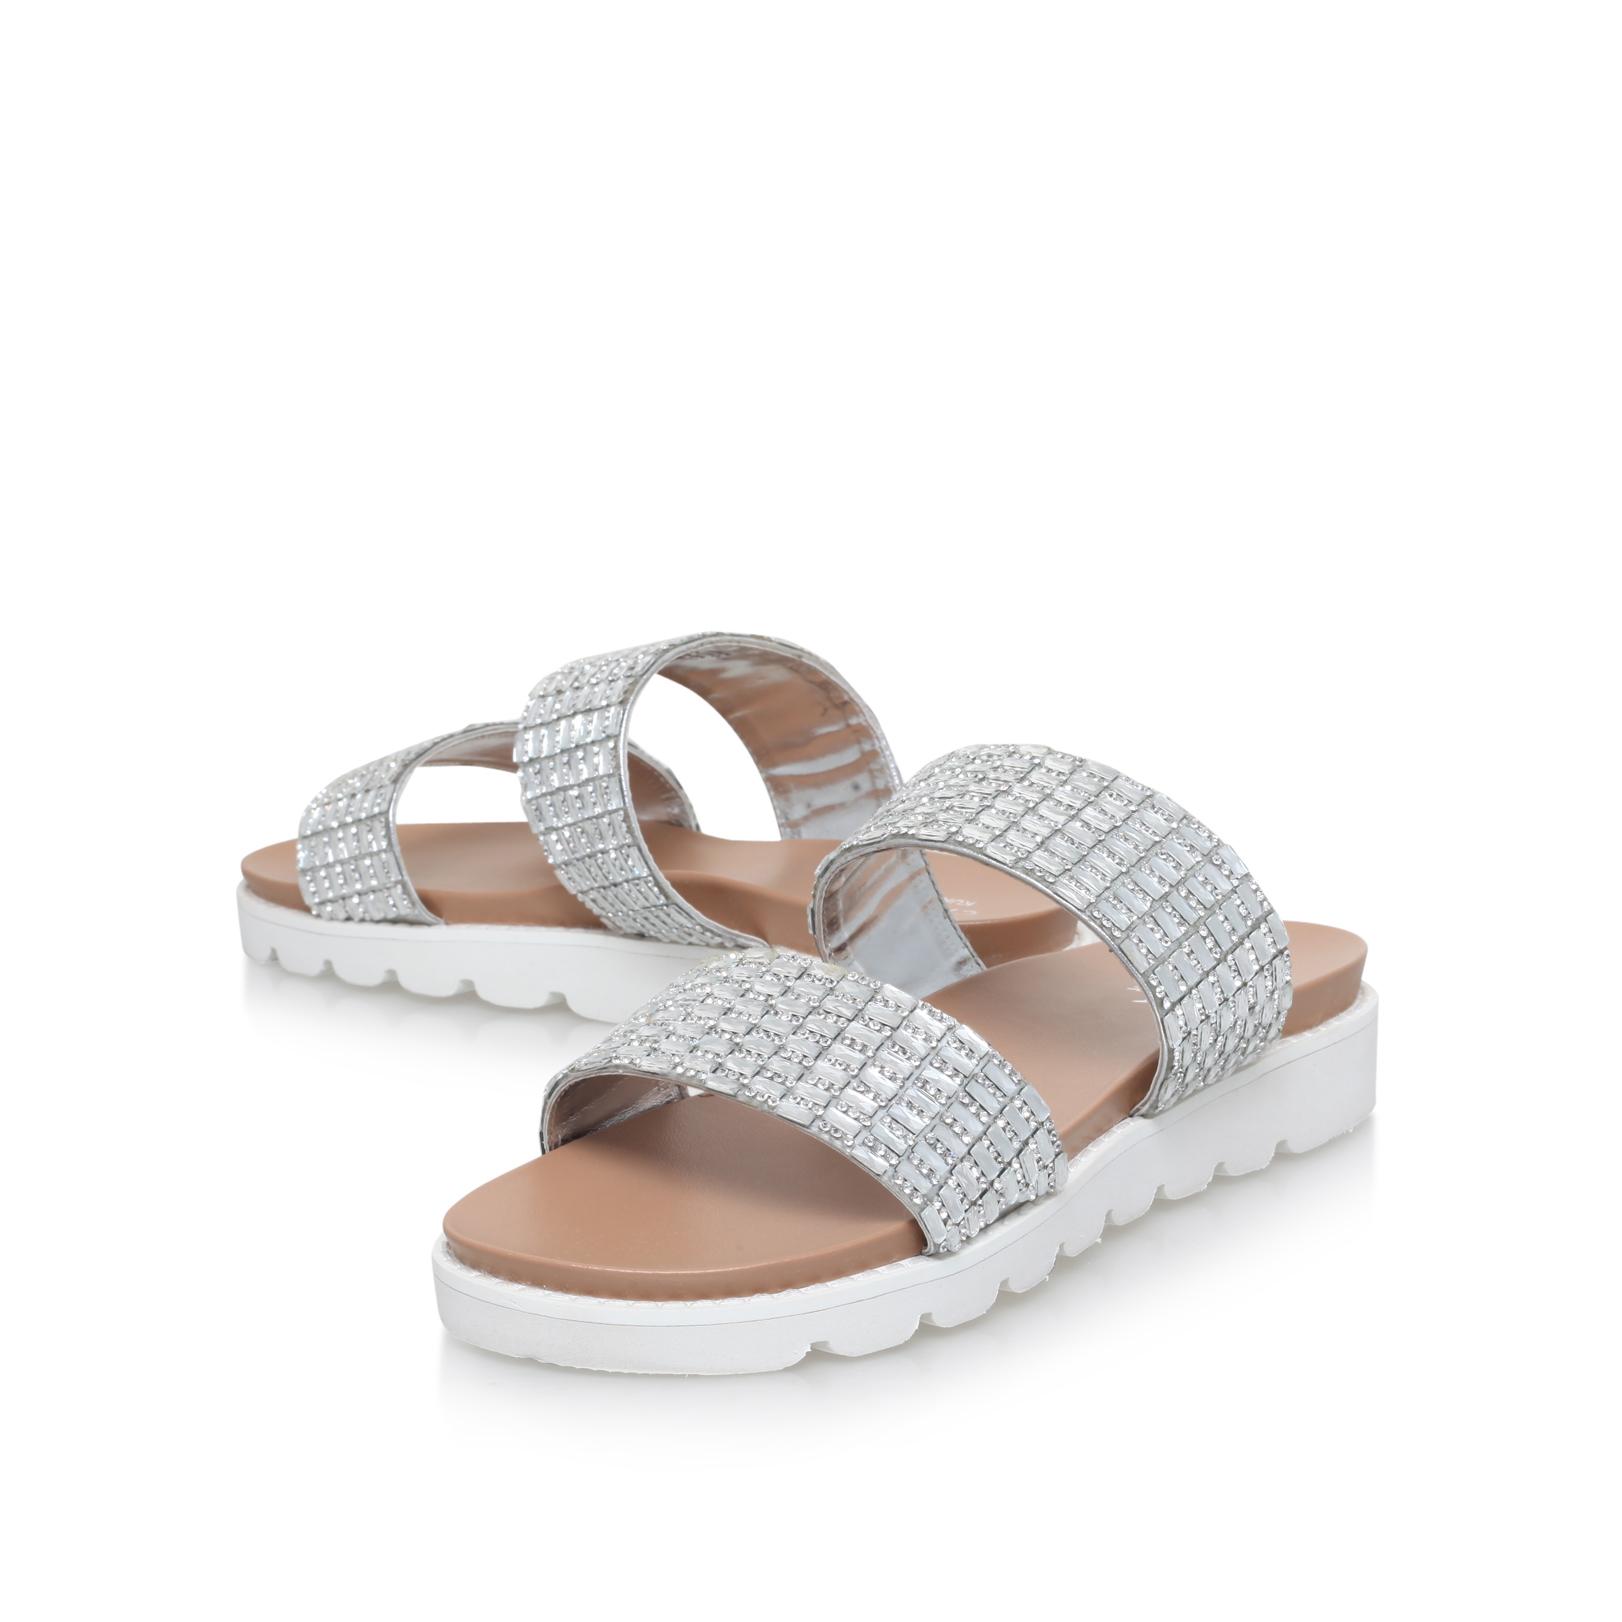 SUMMER Carvela Summer Silver Flat Summer Sandal Slider/Mule Flatform by  CARVELA